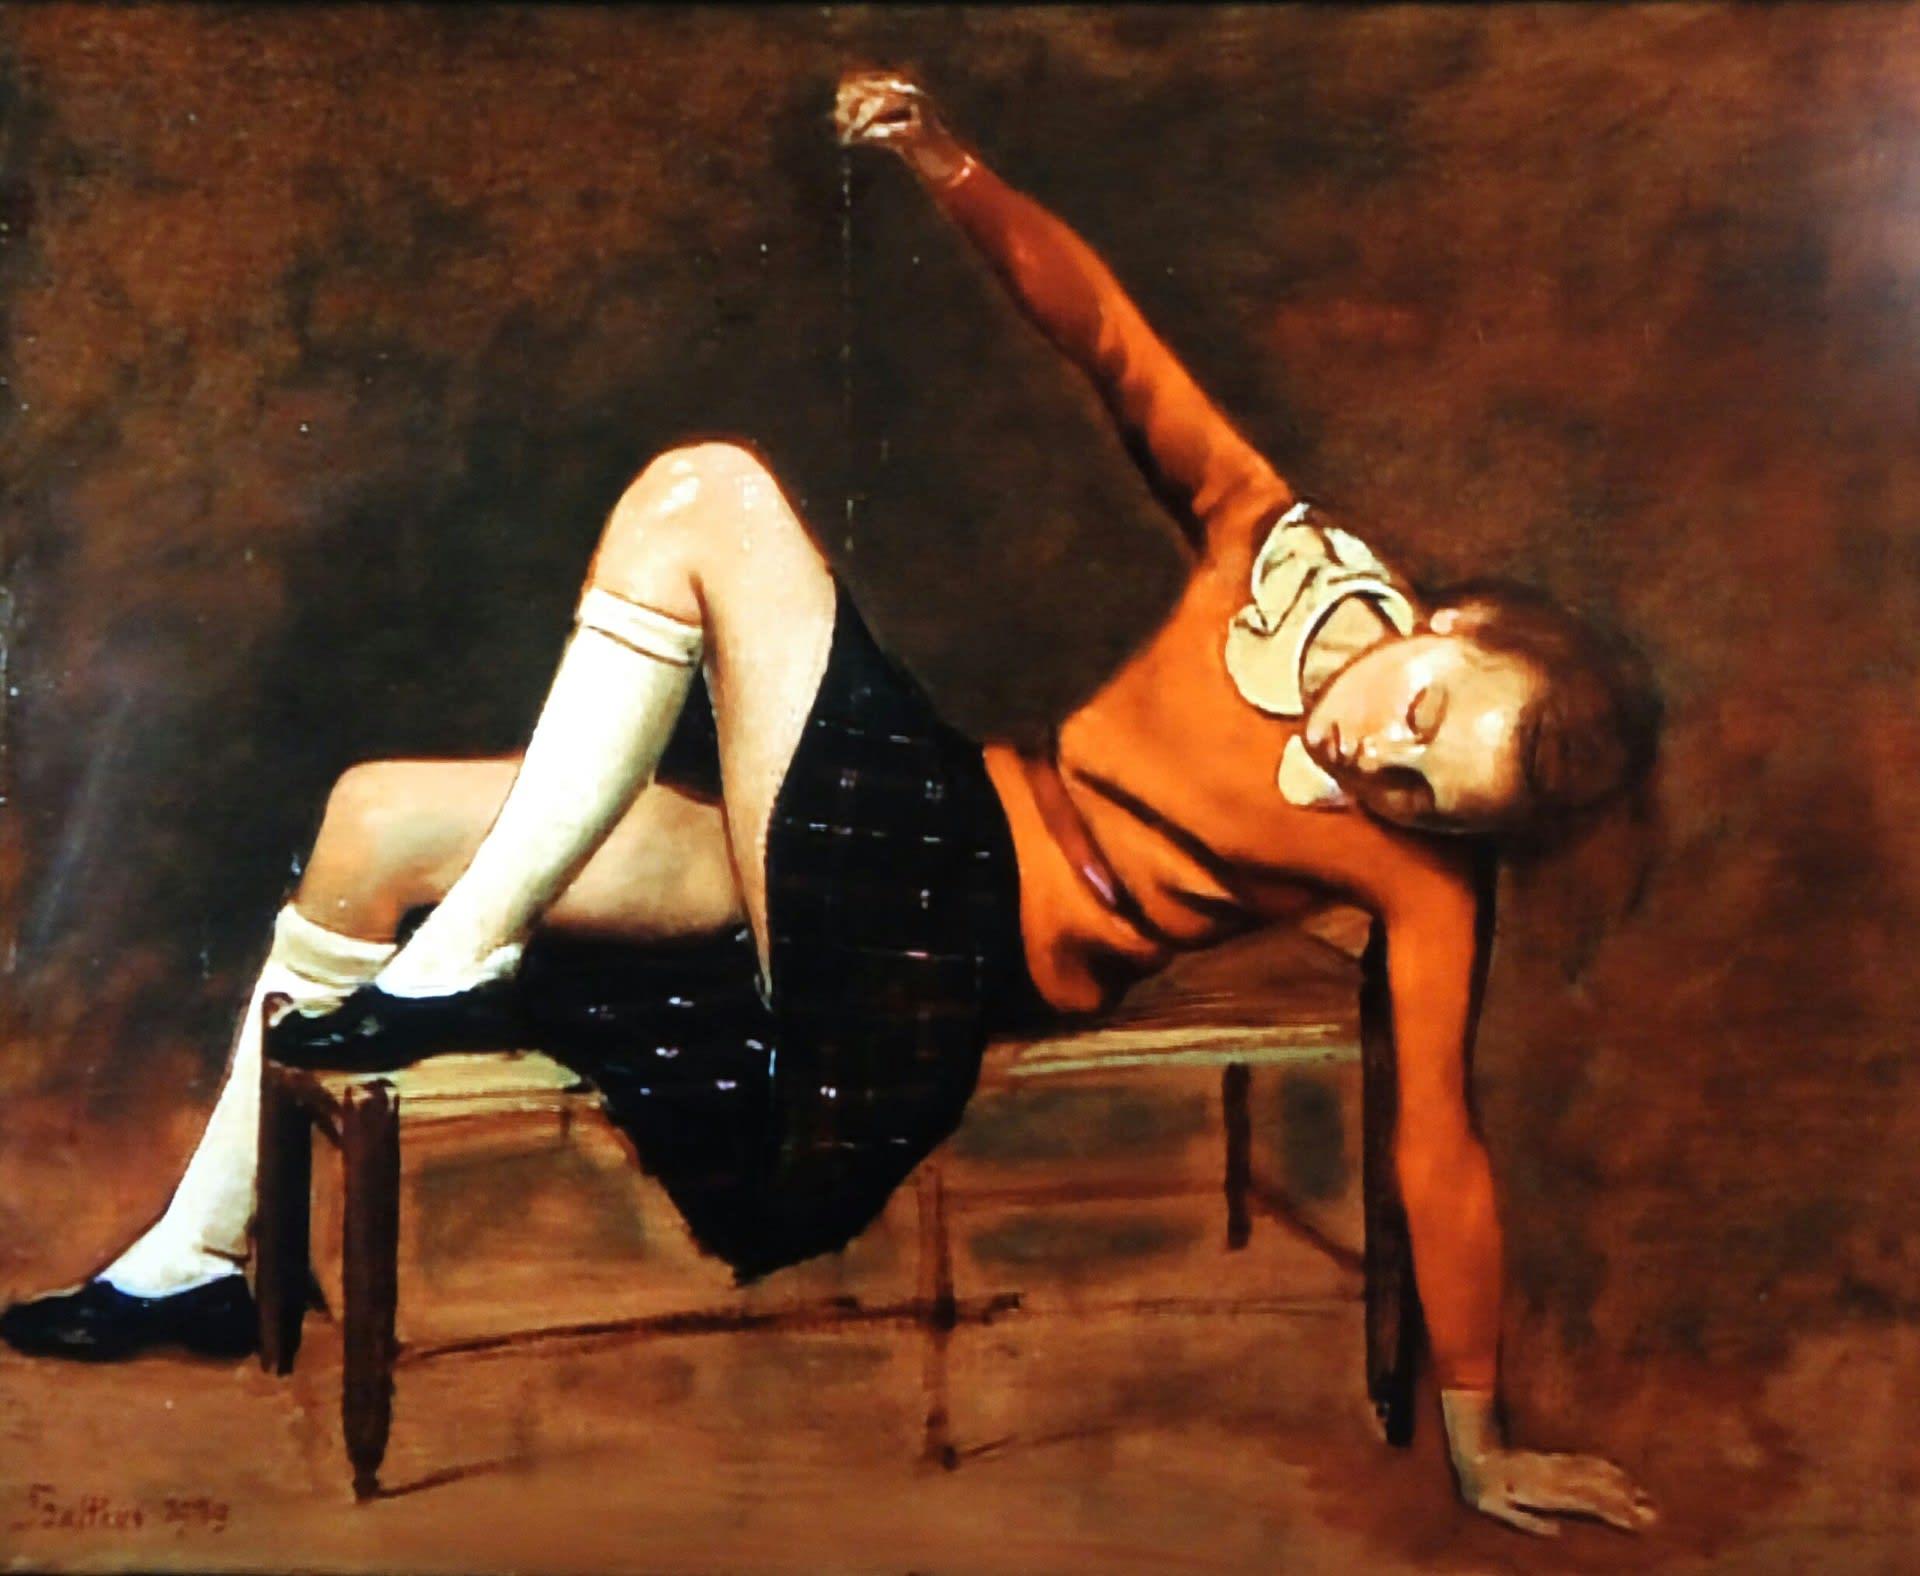 夢見るテレーズ 「美しい日々」1944-46 これも素晴らしい作品です。 夢見る少女の何気ない動作ですが、どこか魅力的です。